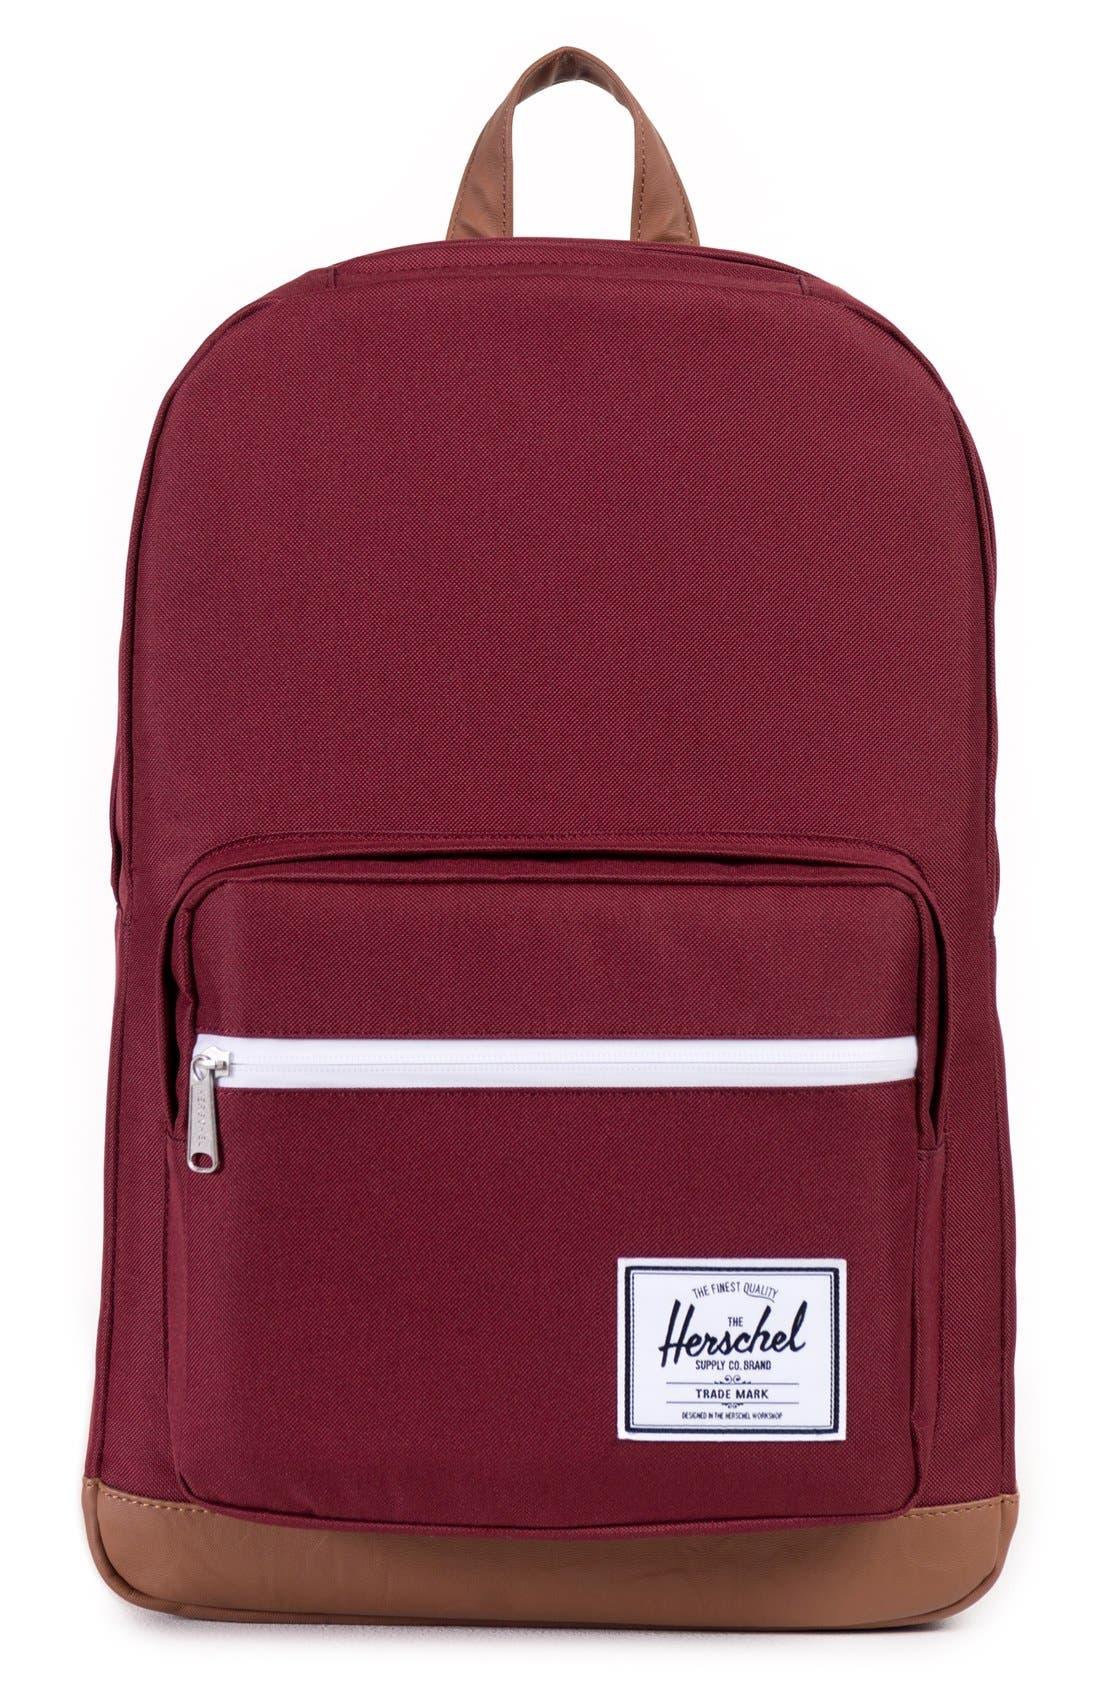 Alternate Image 1 Selected - Herschel Supply Co. 'Pop Quiz' Backpack